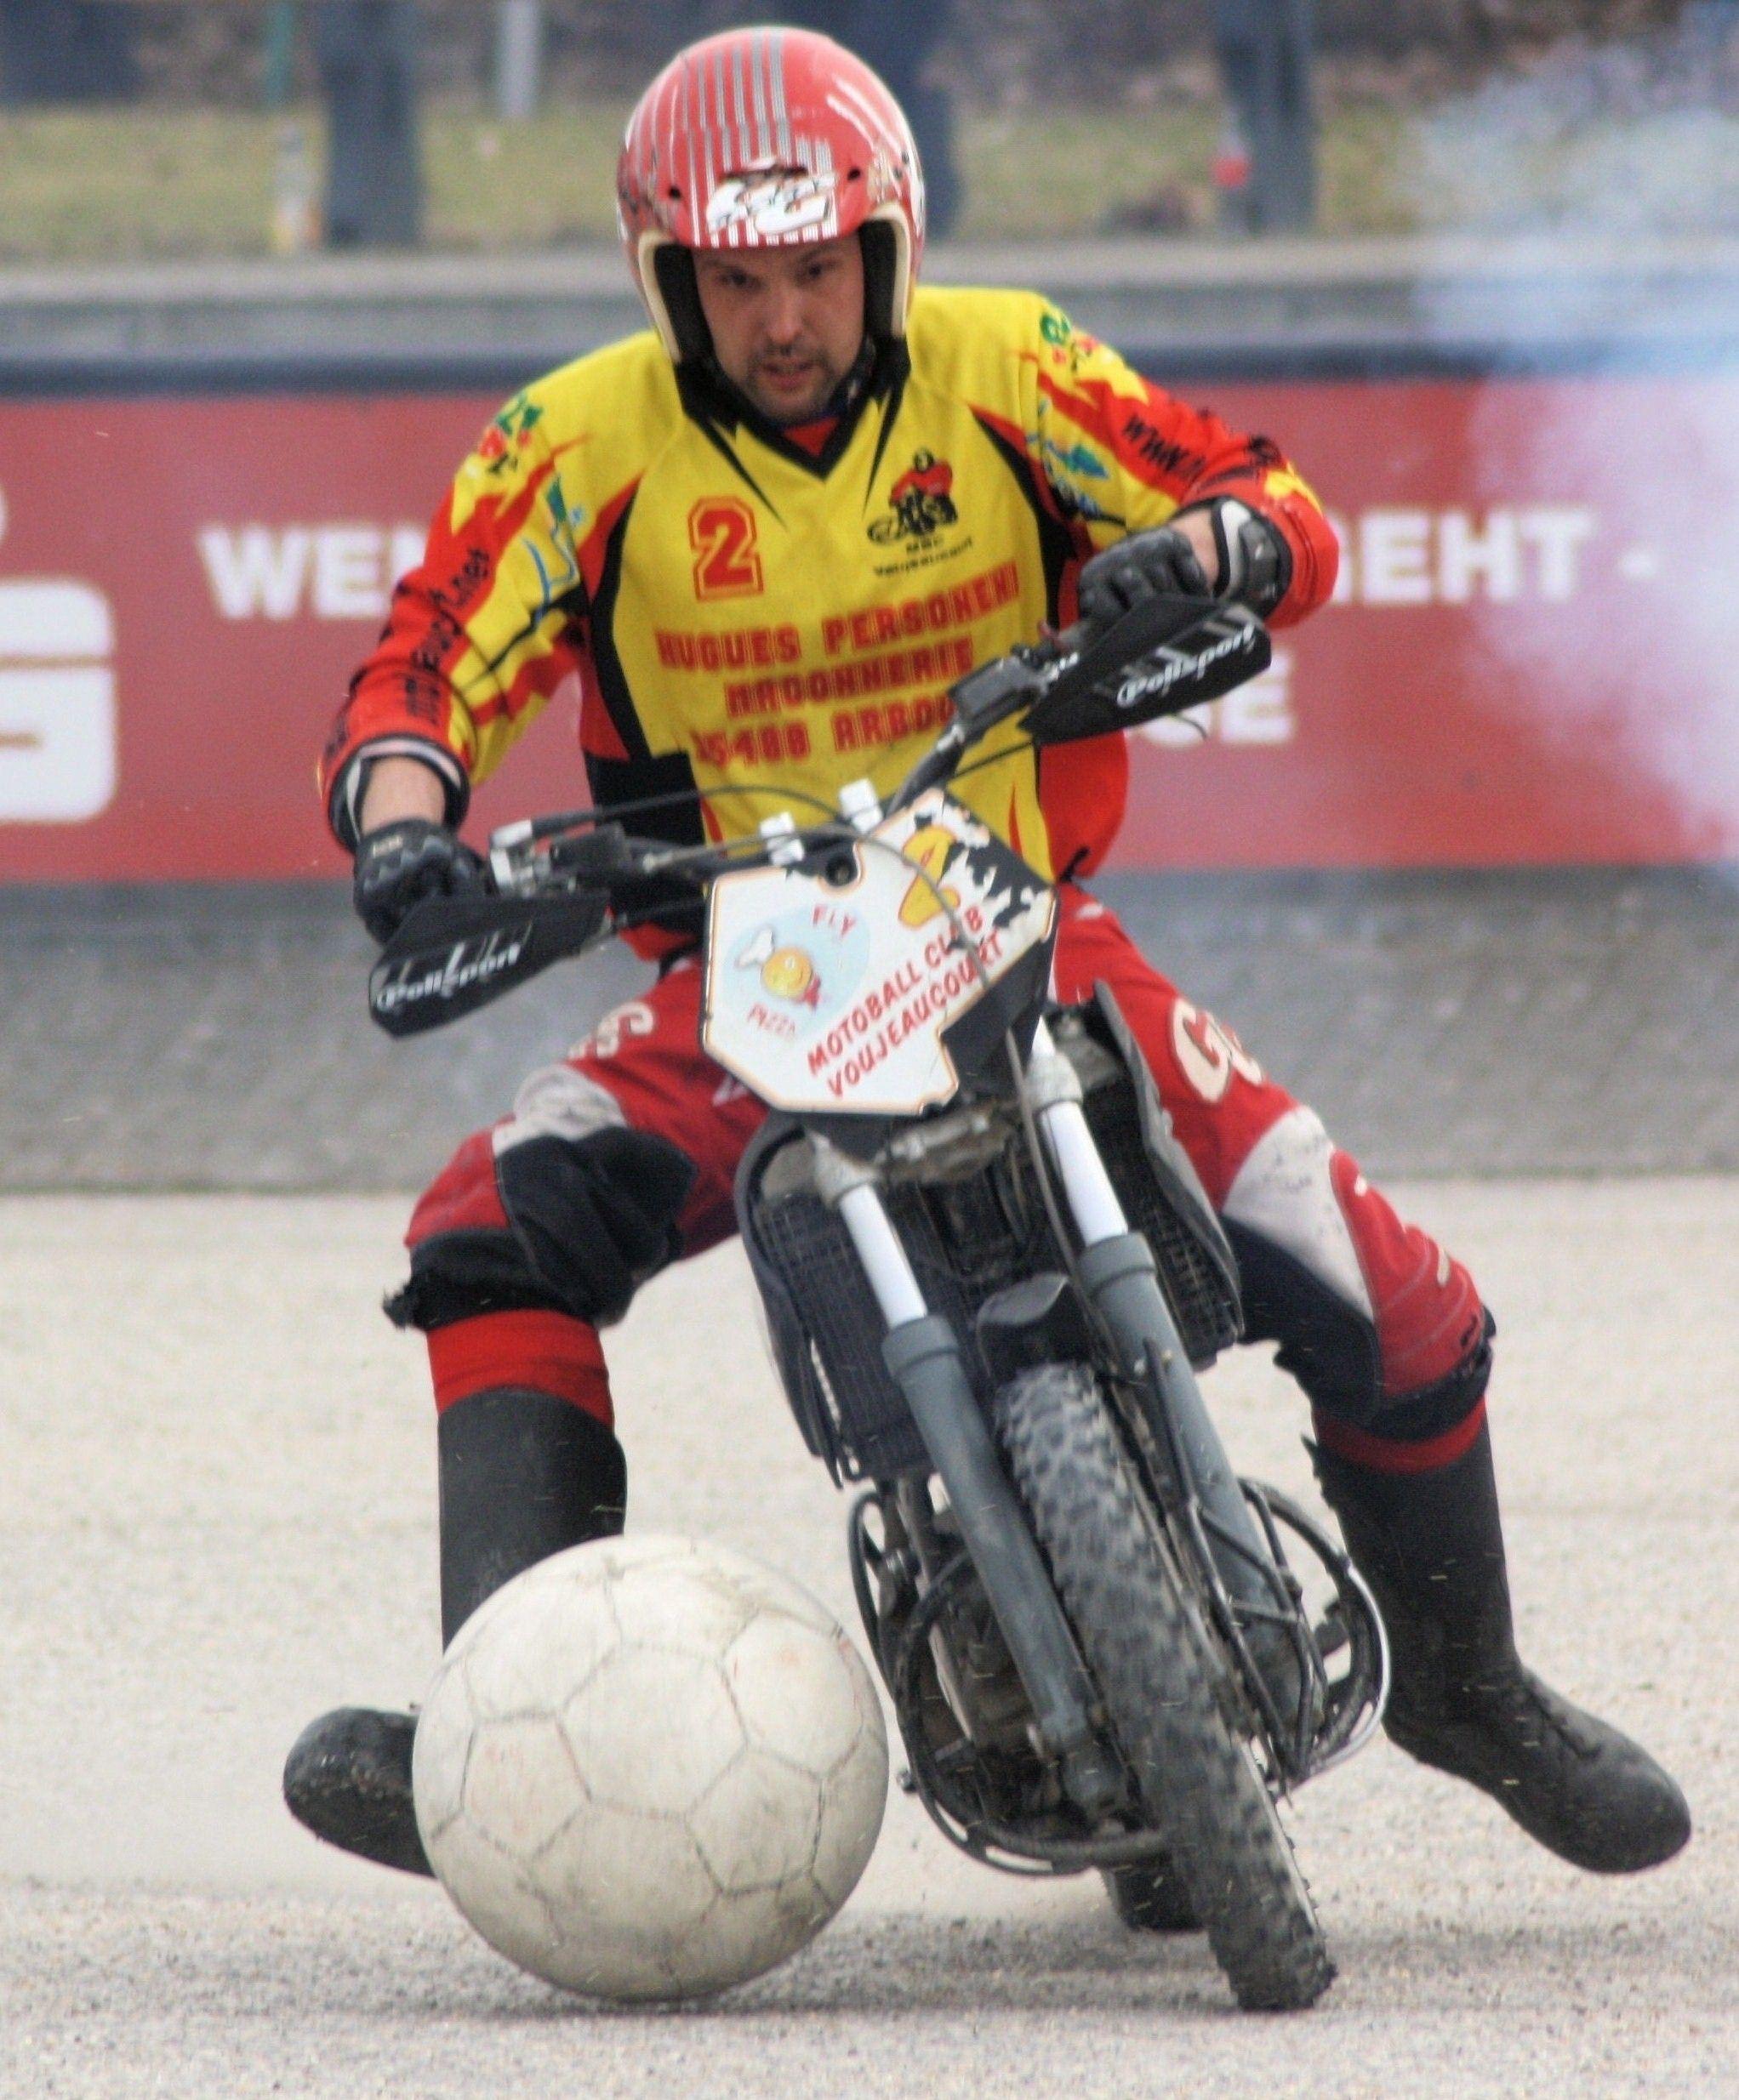 Motoball Ubstadt Weiher